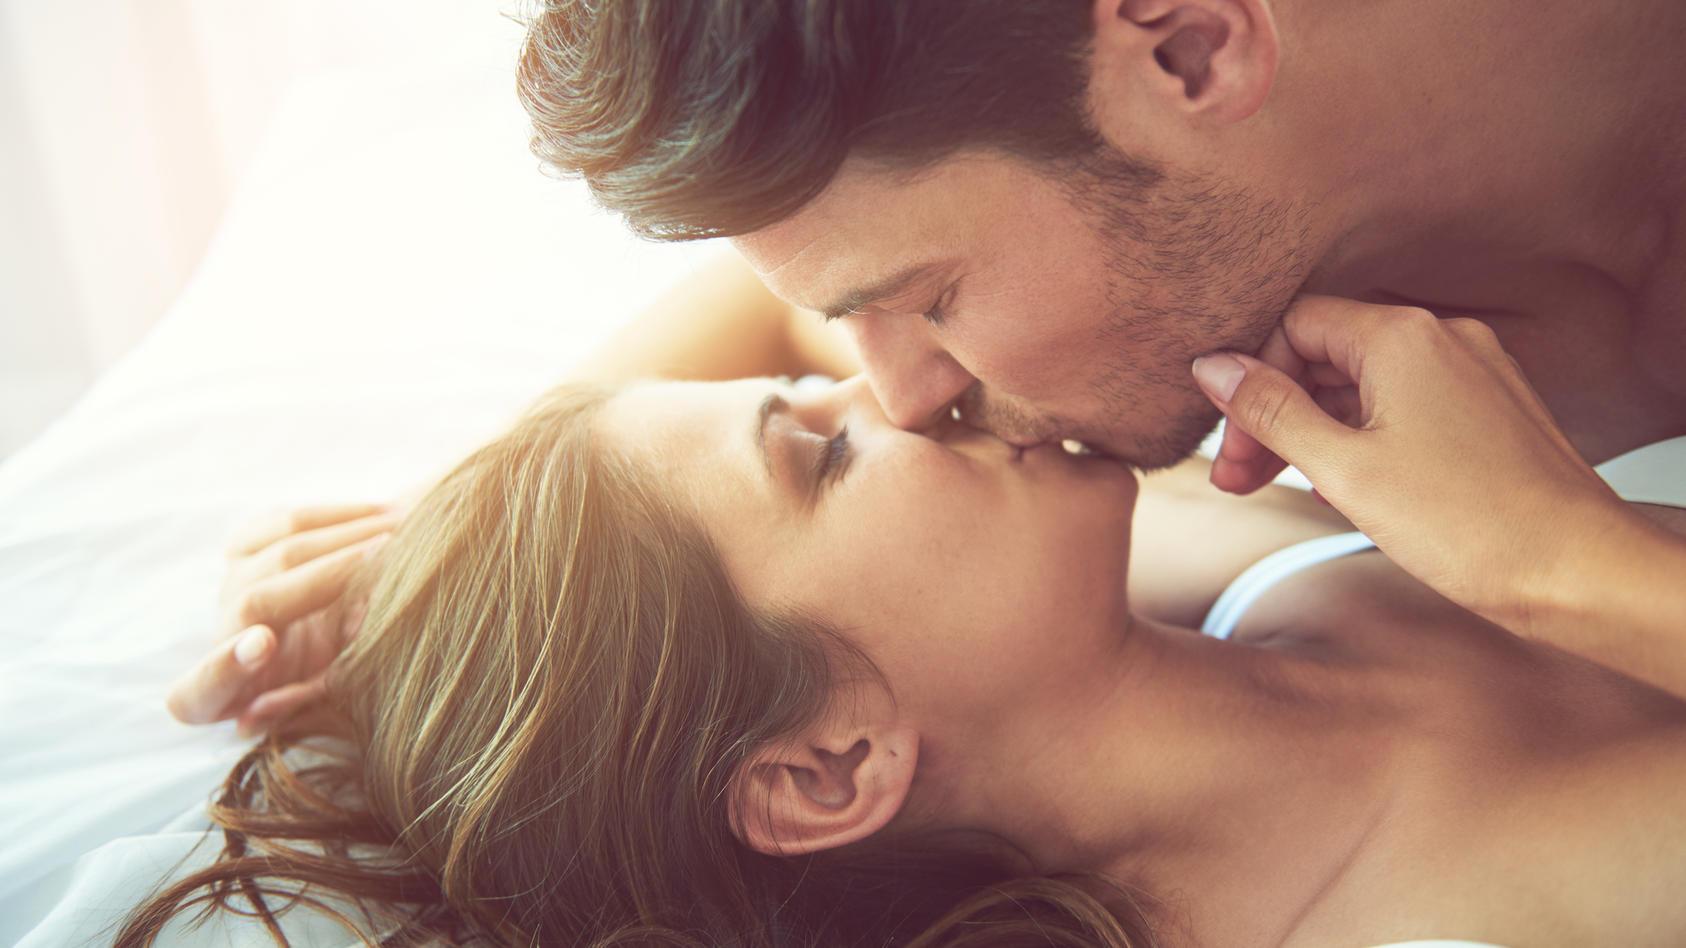 Für demisexuelle Menschen ist eine starke emotionale Bindung wichtig